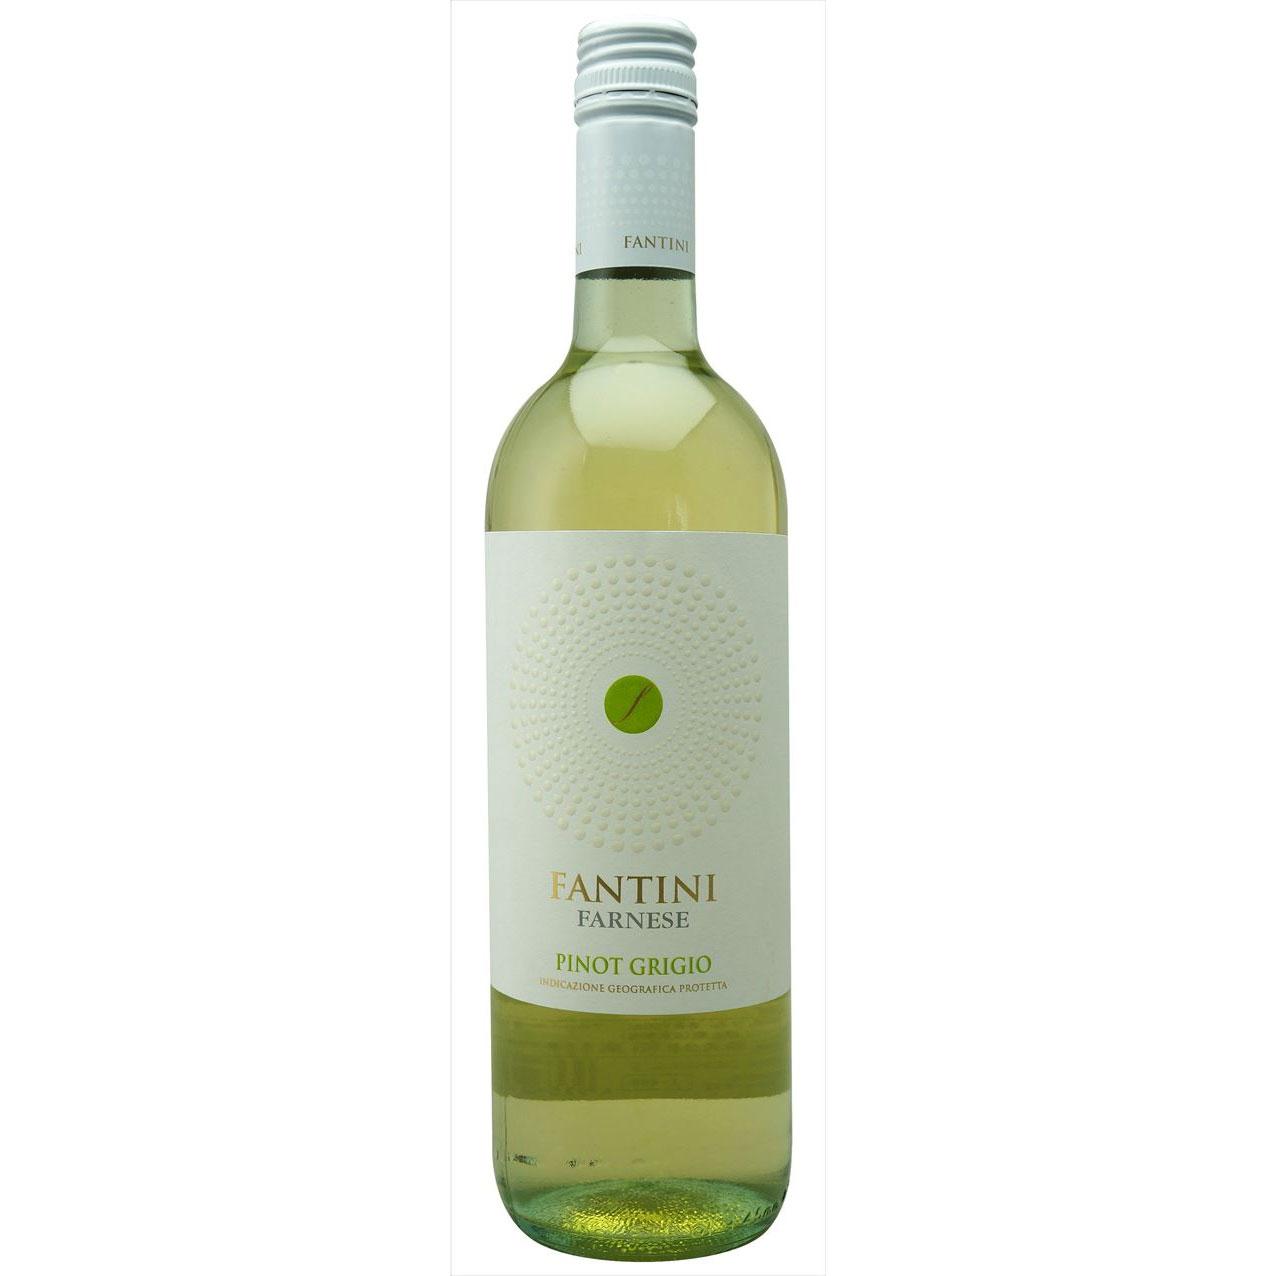 【ラッキーシール対応】お歳暮 ギフト ファンティーニ ピノ グリージョ  ファルネーゼ 白 750ml 12本 イタリア アブルッツォ 白ワイン コンビニ受取対応商品 ヴィンテージ管理しておりません、変わる場合があります